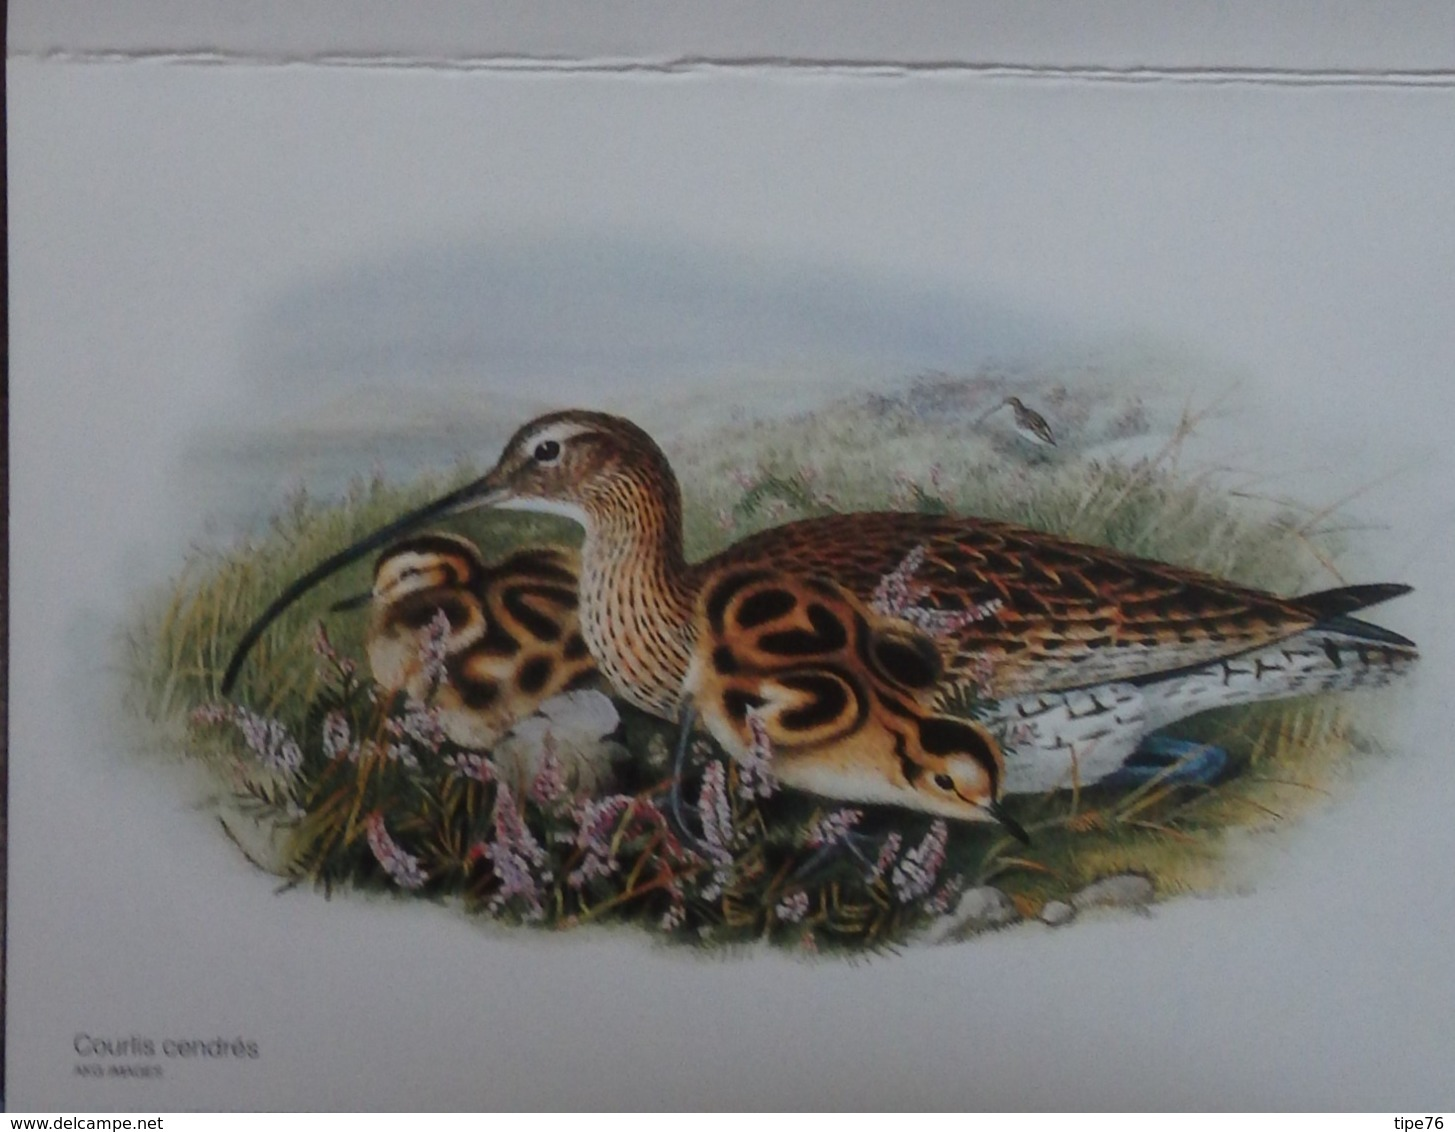 Petit Calendrier De Poche 2006 Illustration Oiseau Courlis Cendrés - Calendars